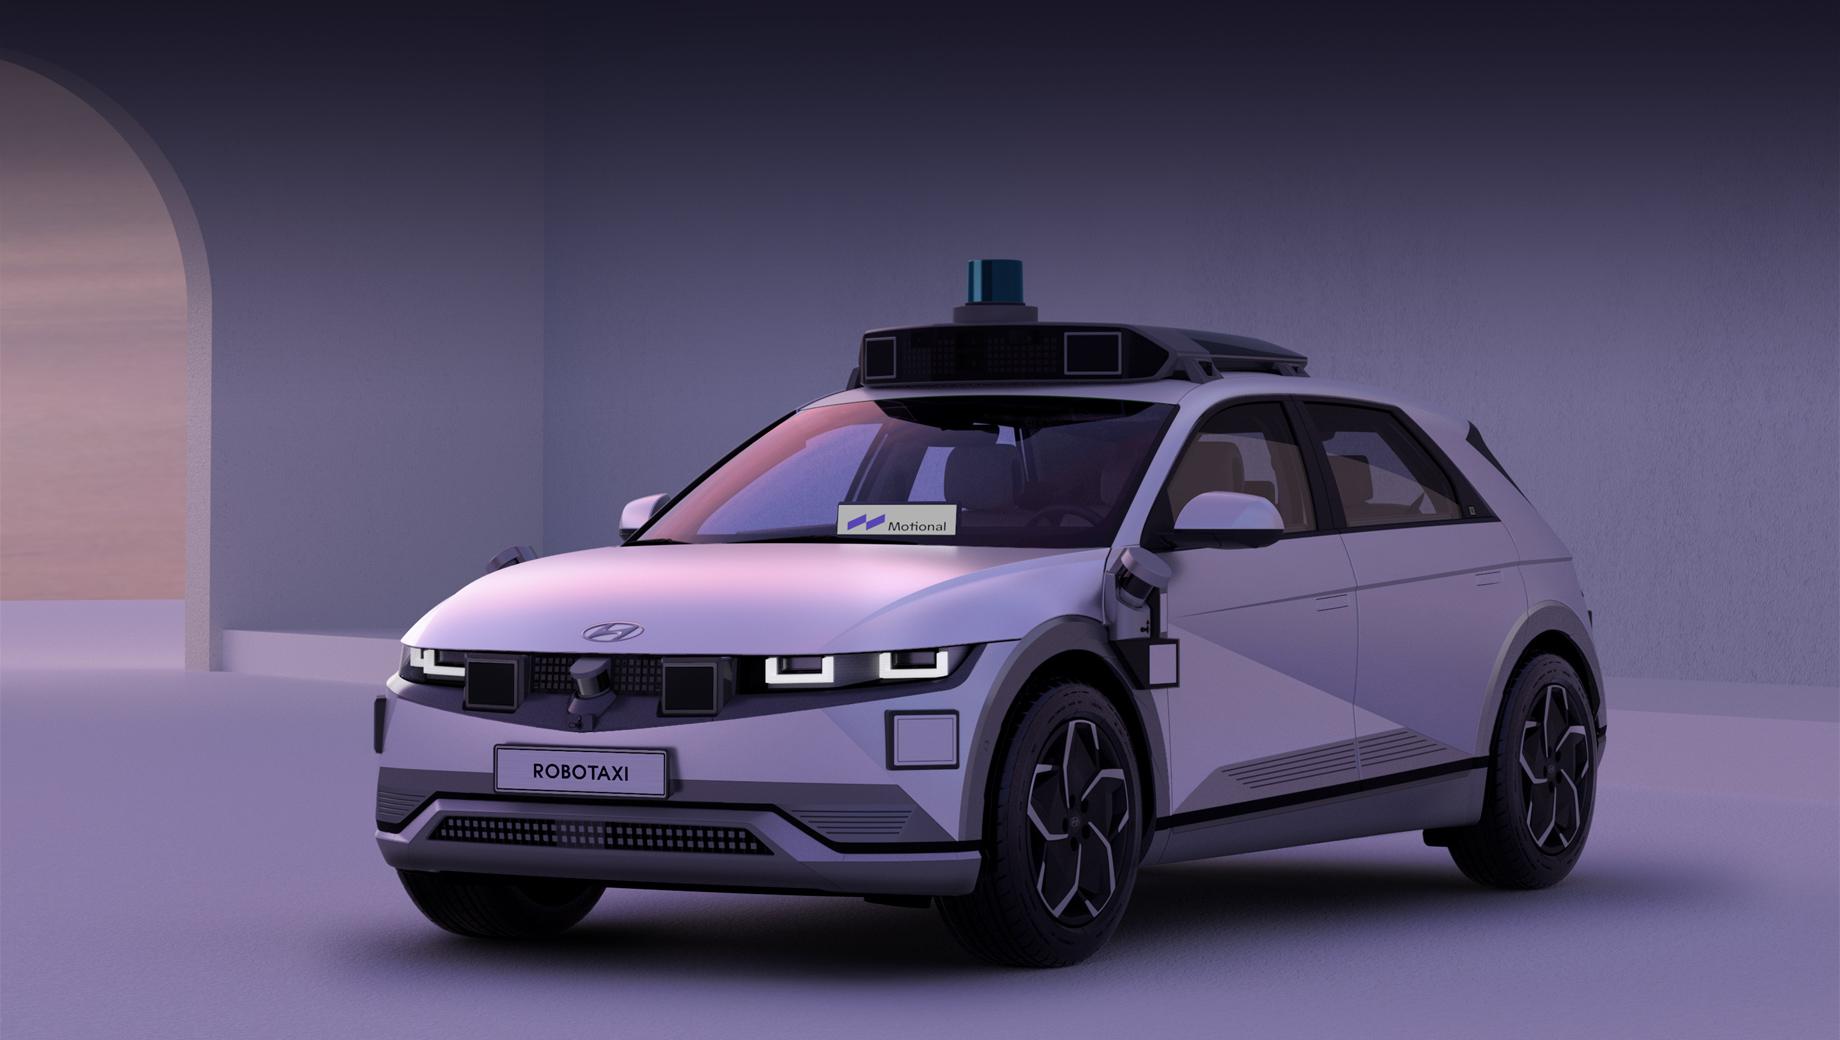 Hyundai ioniq 5. Робокар Hyundai Ioniq 5 будет официально представлен на автосалоне IAA Mobility в Мюнхене, который откроется на следующей неделе. Сам Ioniq обладает мощностью 168–239 кВт и пробегом на зарядке до 483 км (спецификация для США).